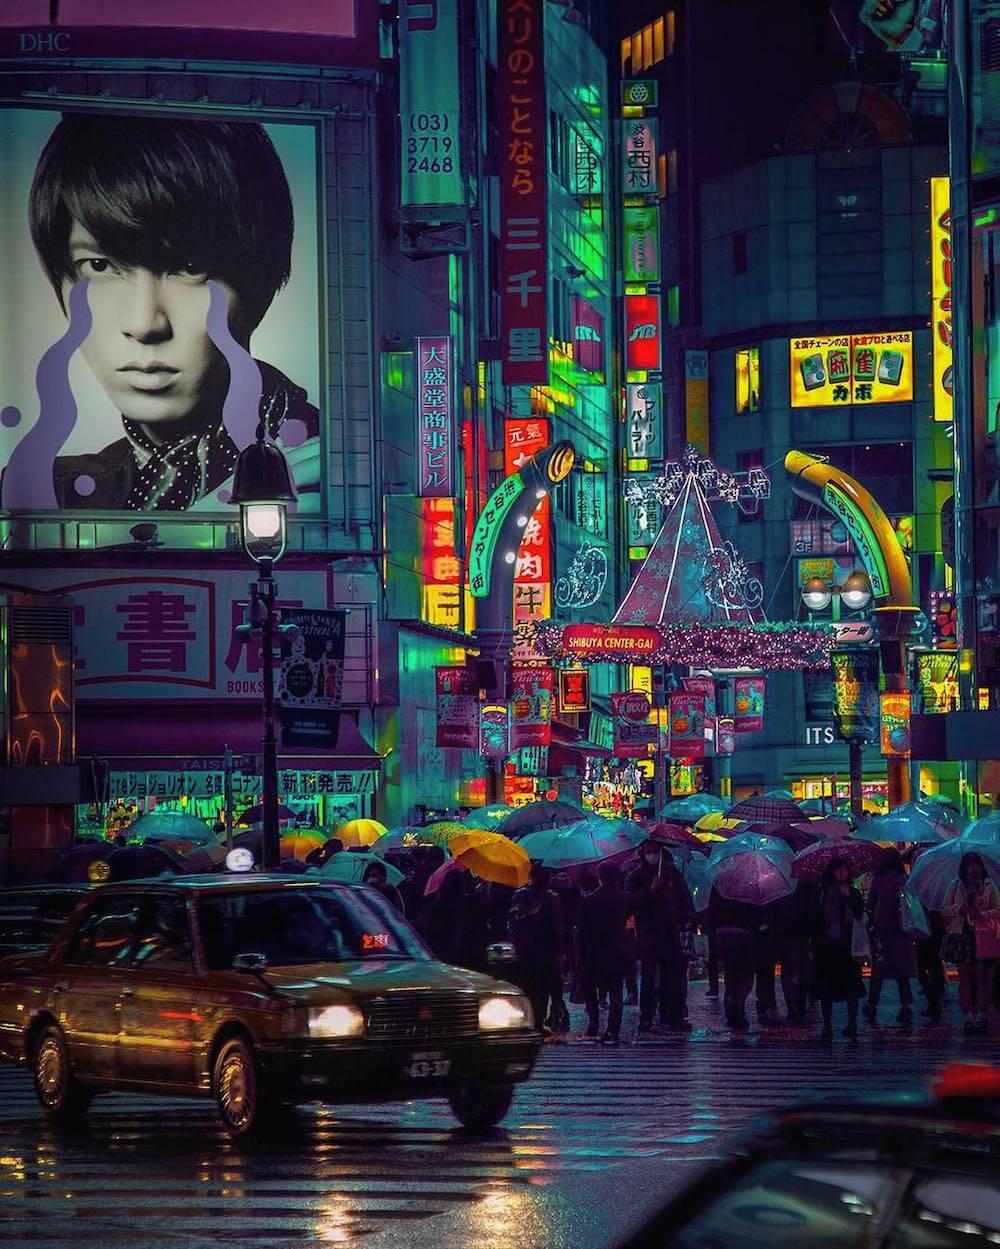 tokyos-night-life-liam-wong-freeyork-2